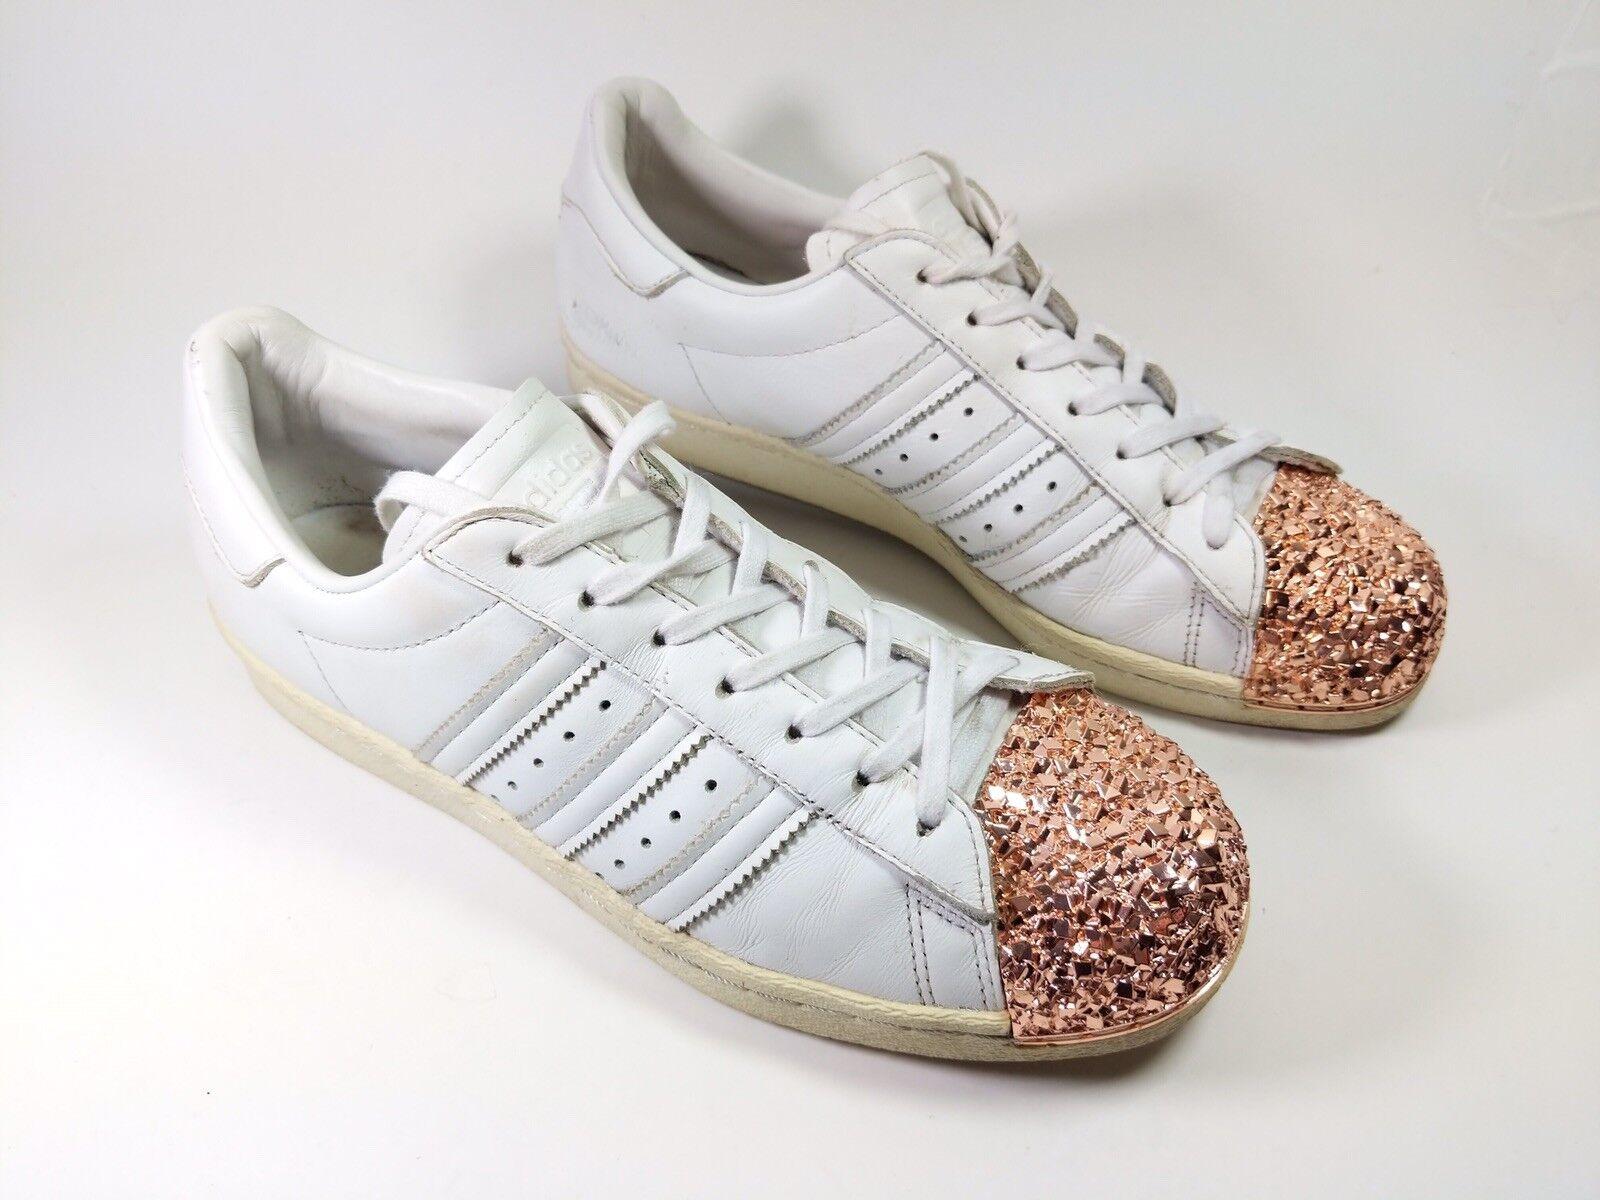 Adidas superstar della donna, edizione speciale dell'ue 40,5 metallico) | Chiama prima  | Uomini/Donne Scarpa